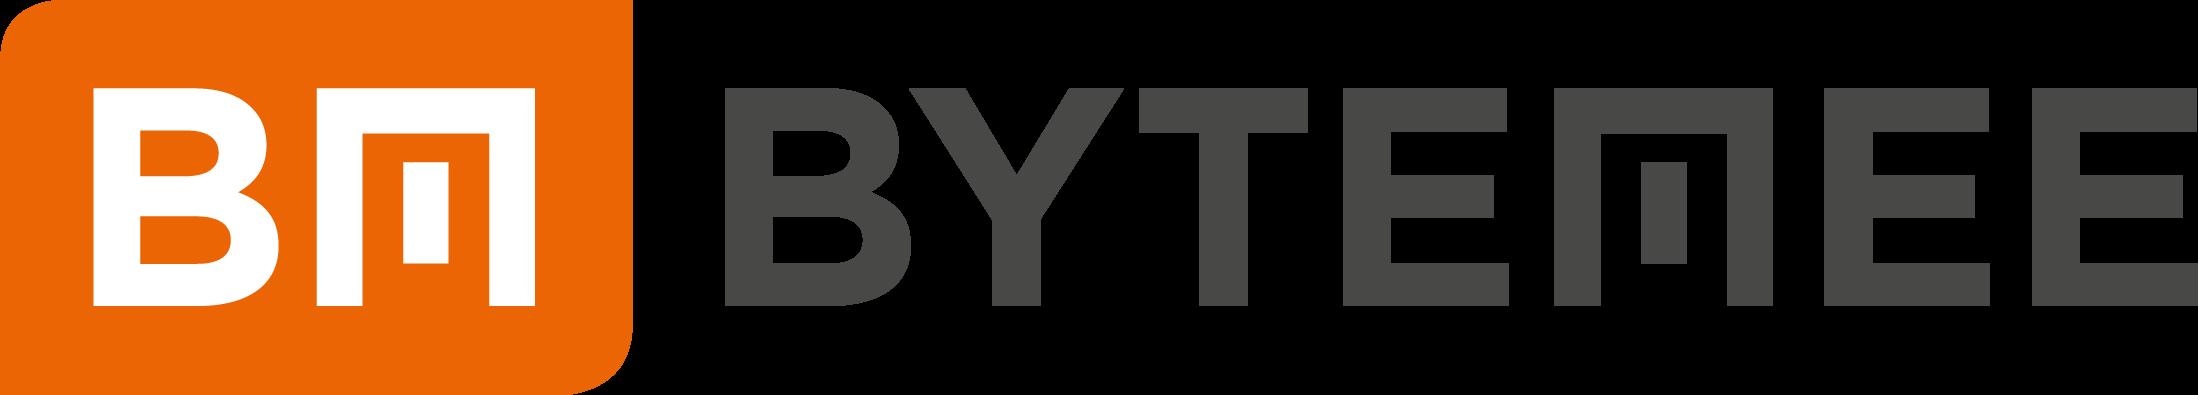 BYTE MEE Softwareentwicklung GmbH